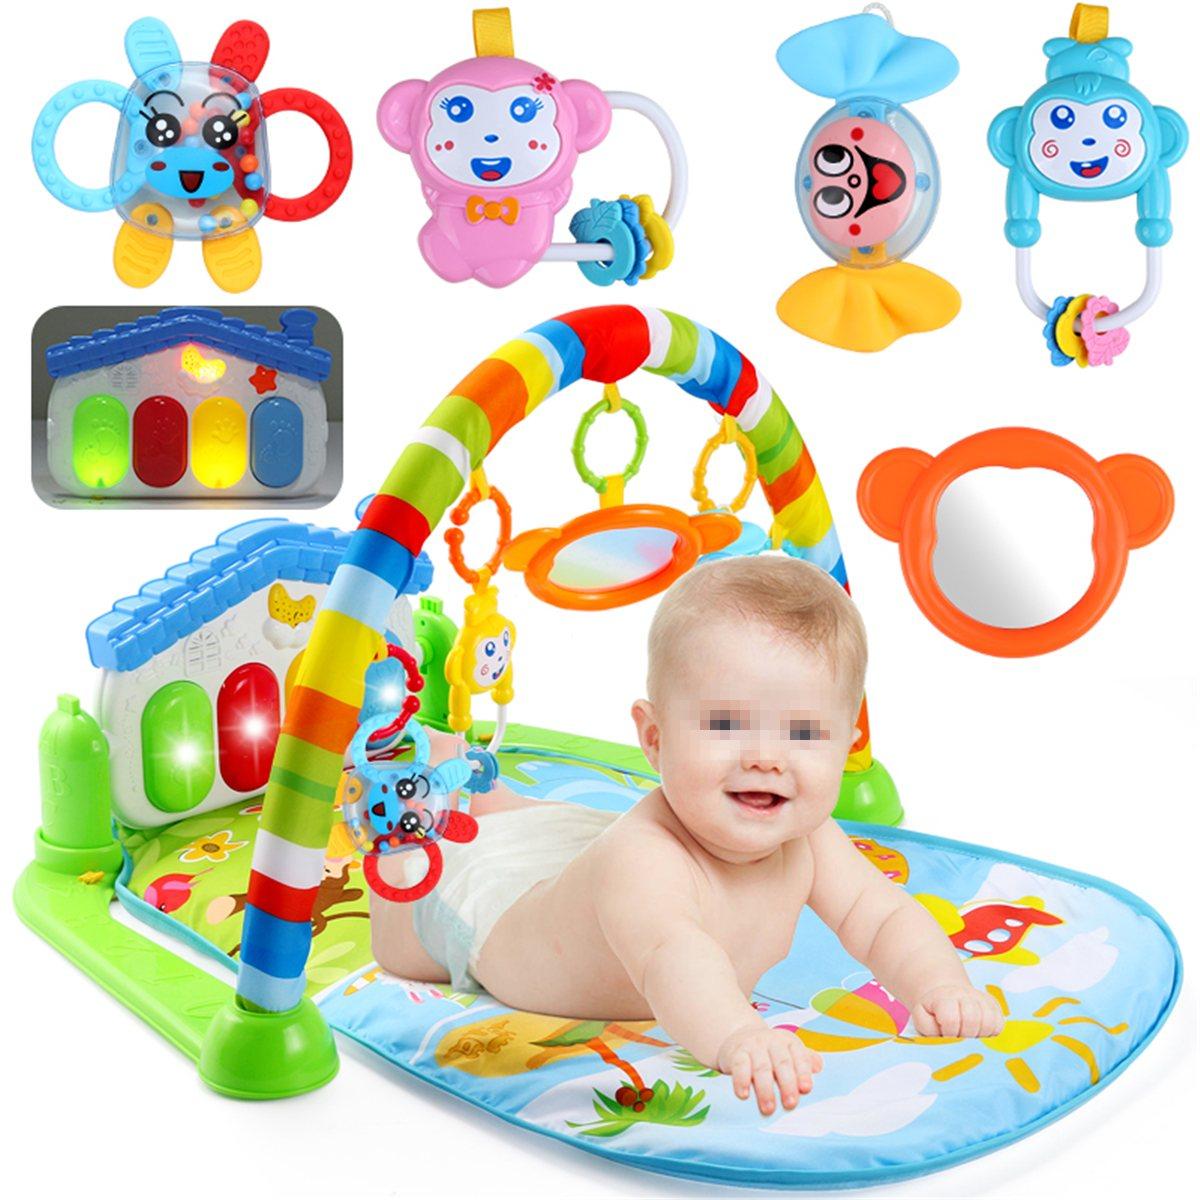 Nouveau 3 en 1 nouveau-né bébé multifonction jouer tapis musique Piano Fitness Gym jouer activité tapis pour enfants enfants cadeau jouets